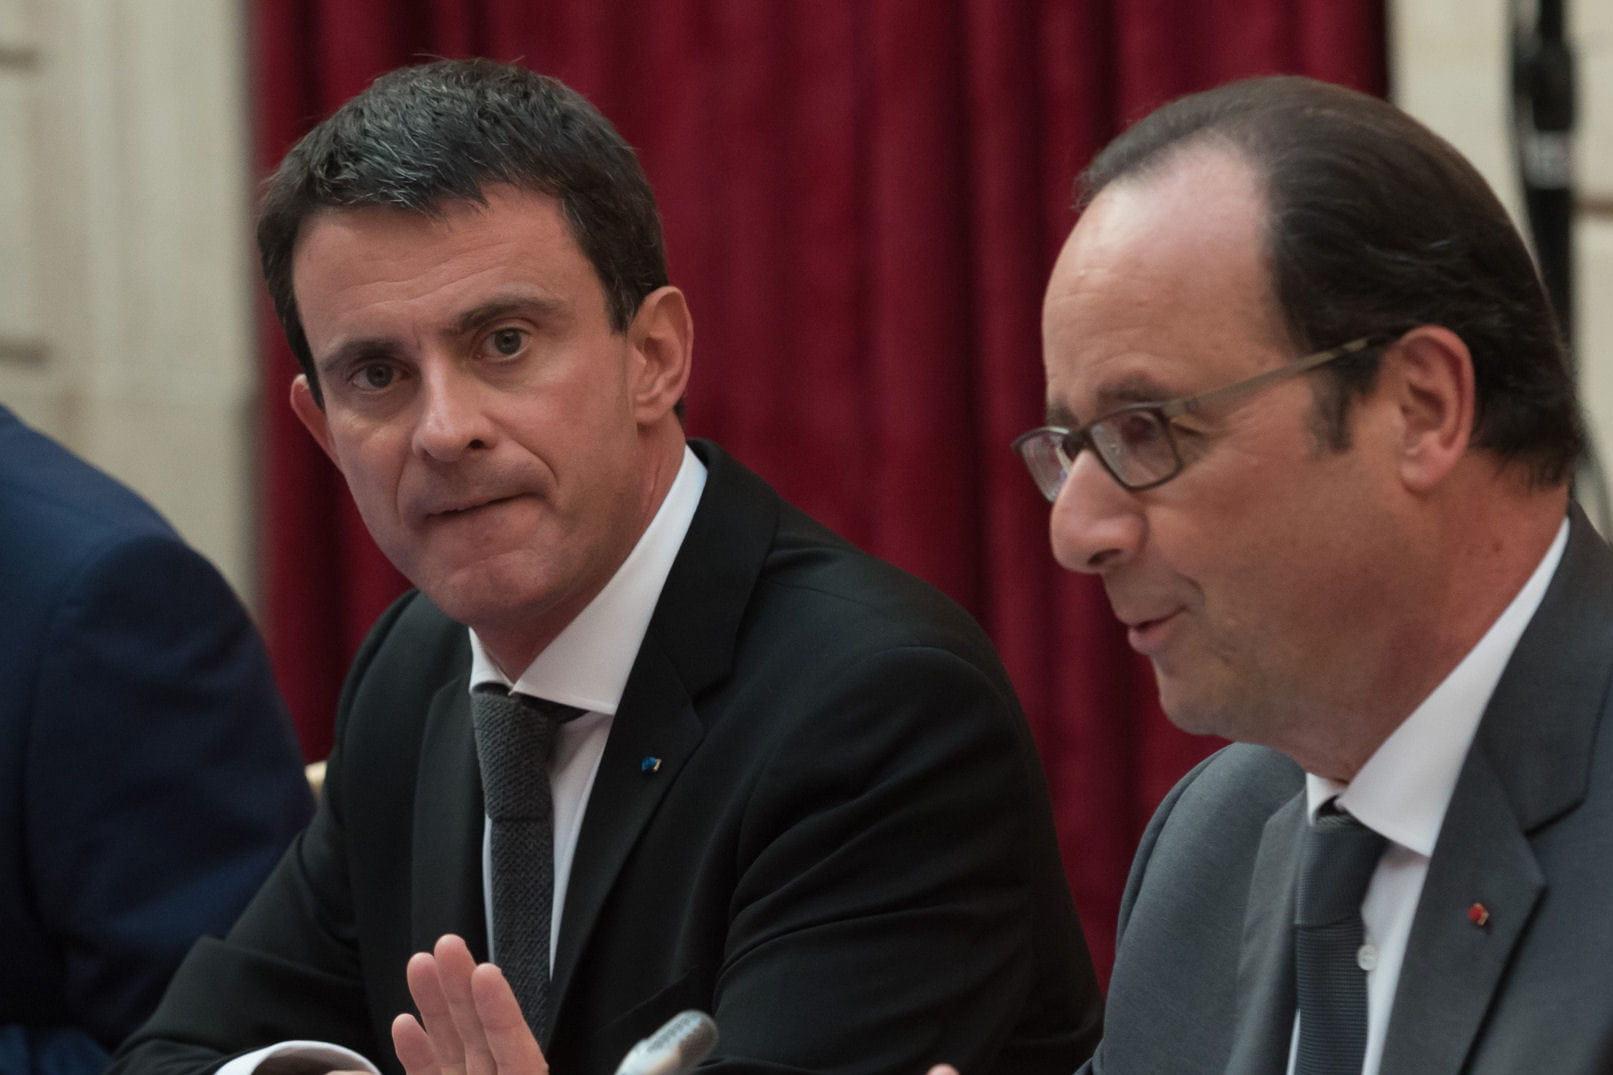 Poussée de fièvre au sommet de l'État — Hollande et Valls